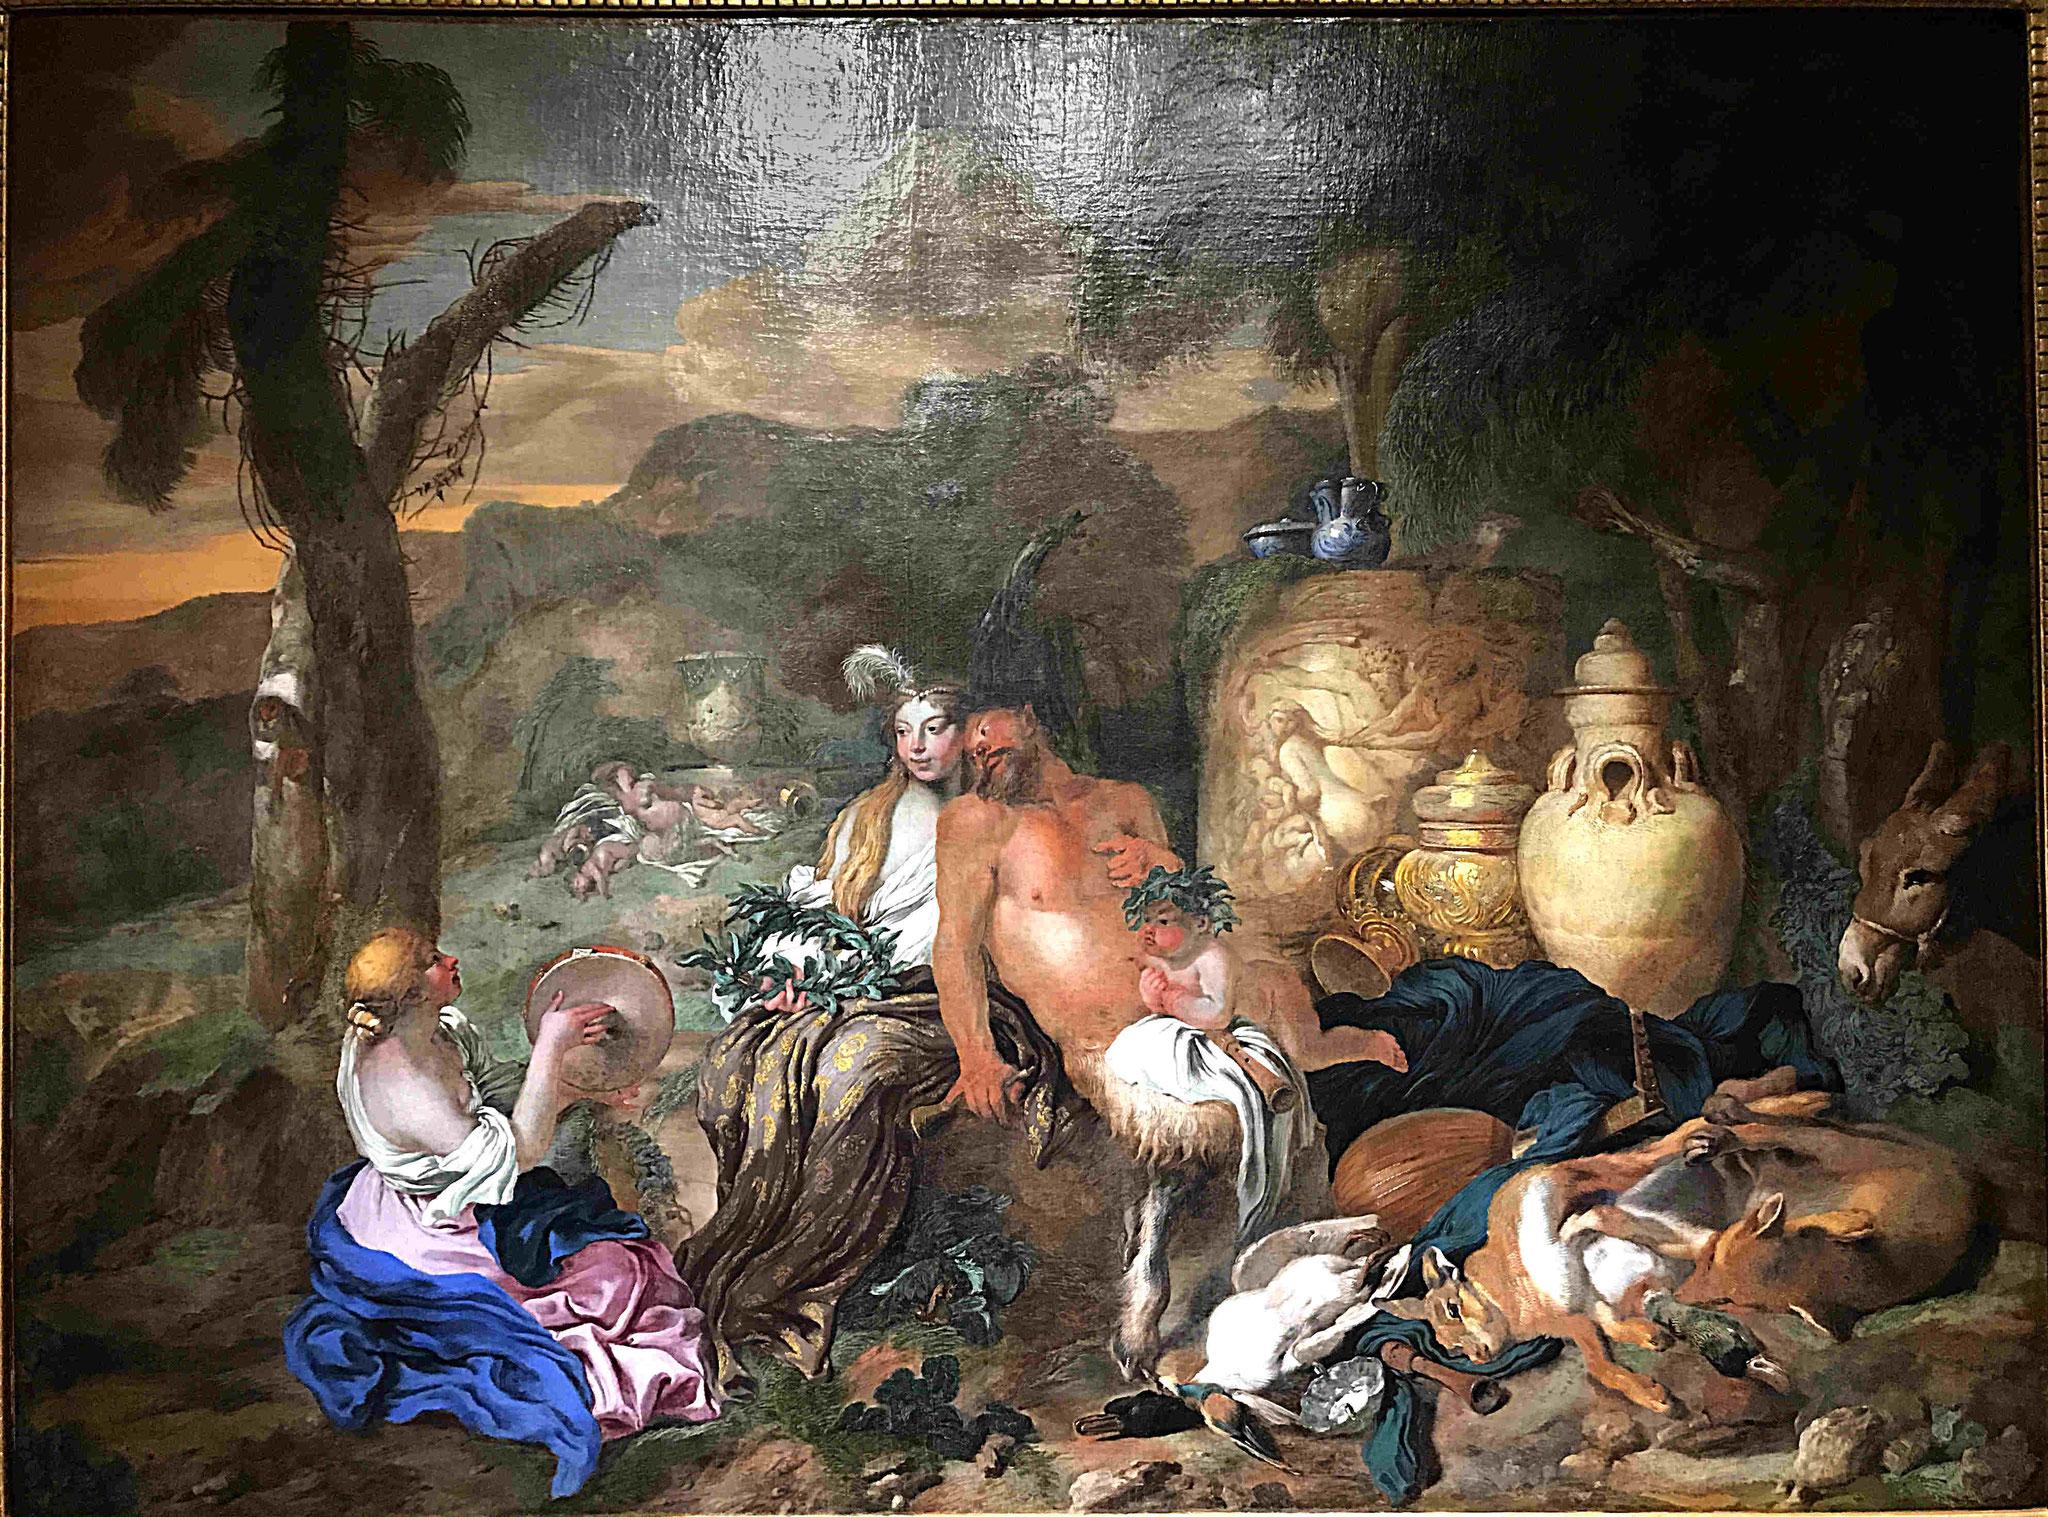 Castiglione Giovanni, Bacchantes et satyre, vers 1650, huile sur toile 145 x 195cm / Musée de Saint-Quentin